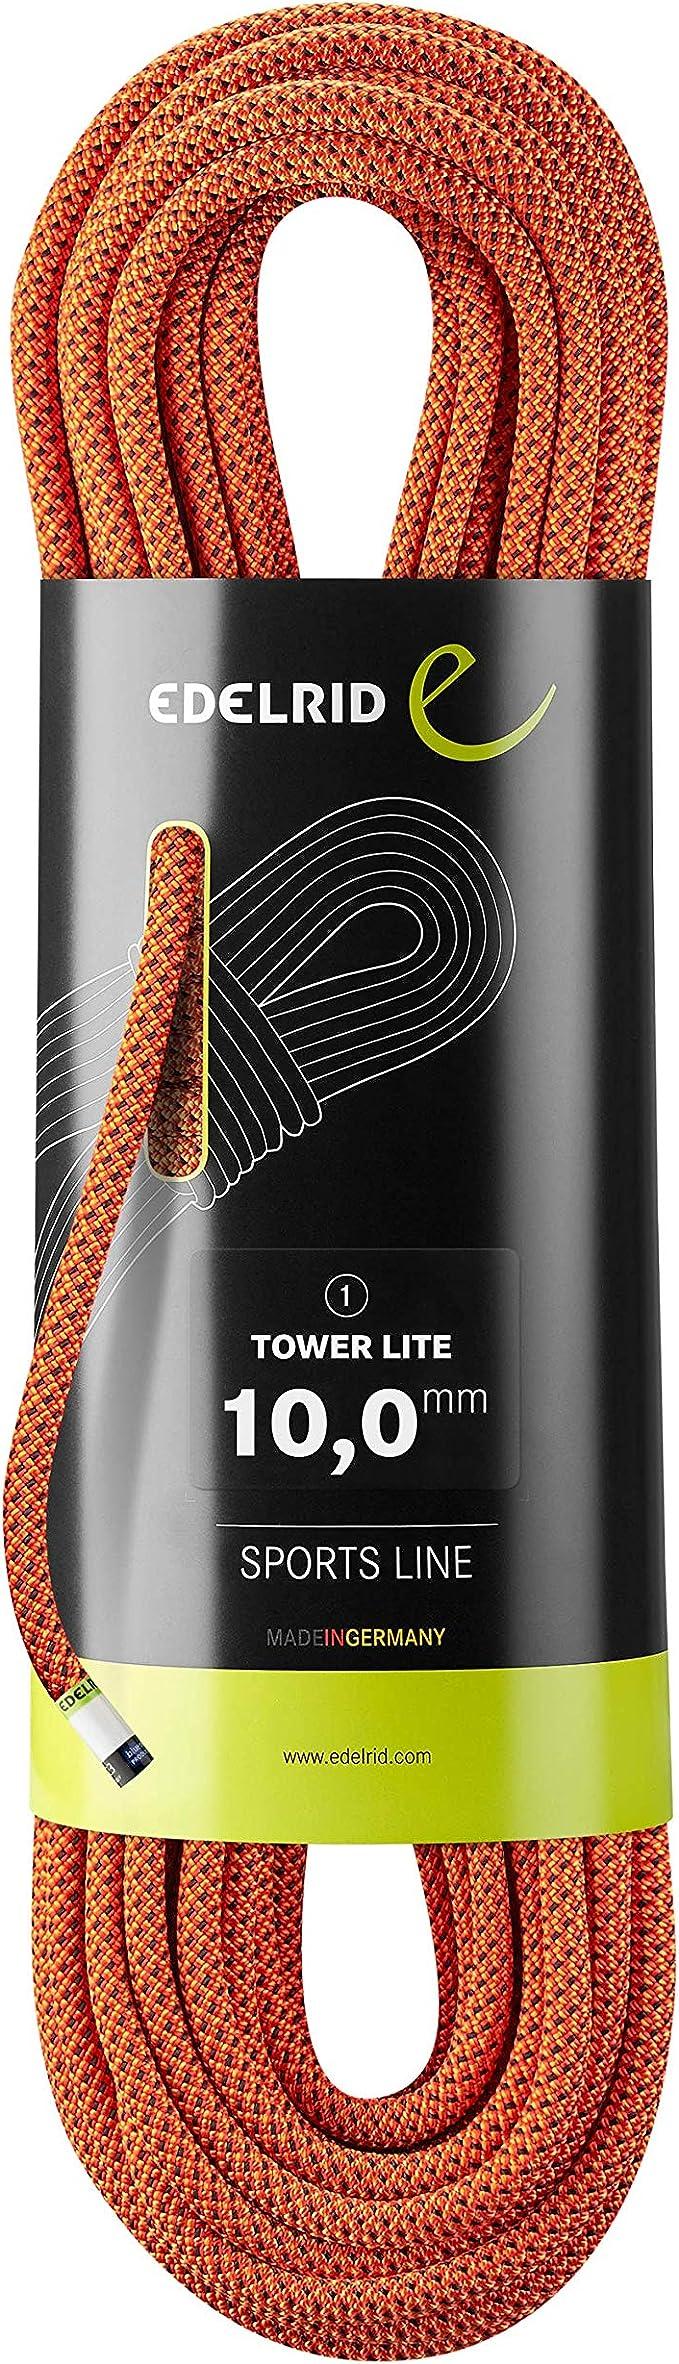 EDELRID Cuerda de escalada Tower Lite 10.0